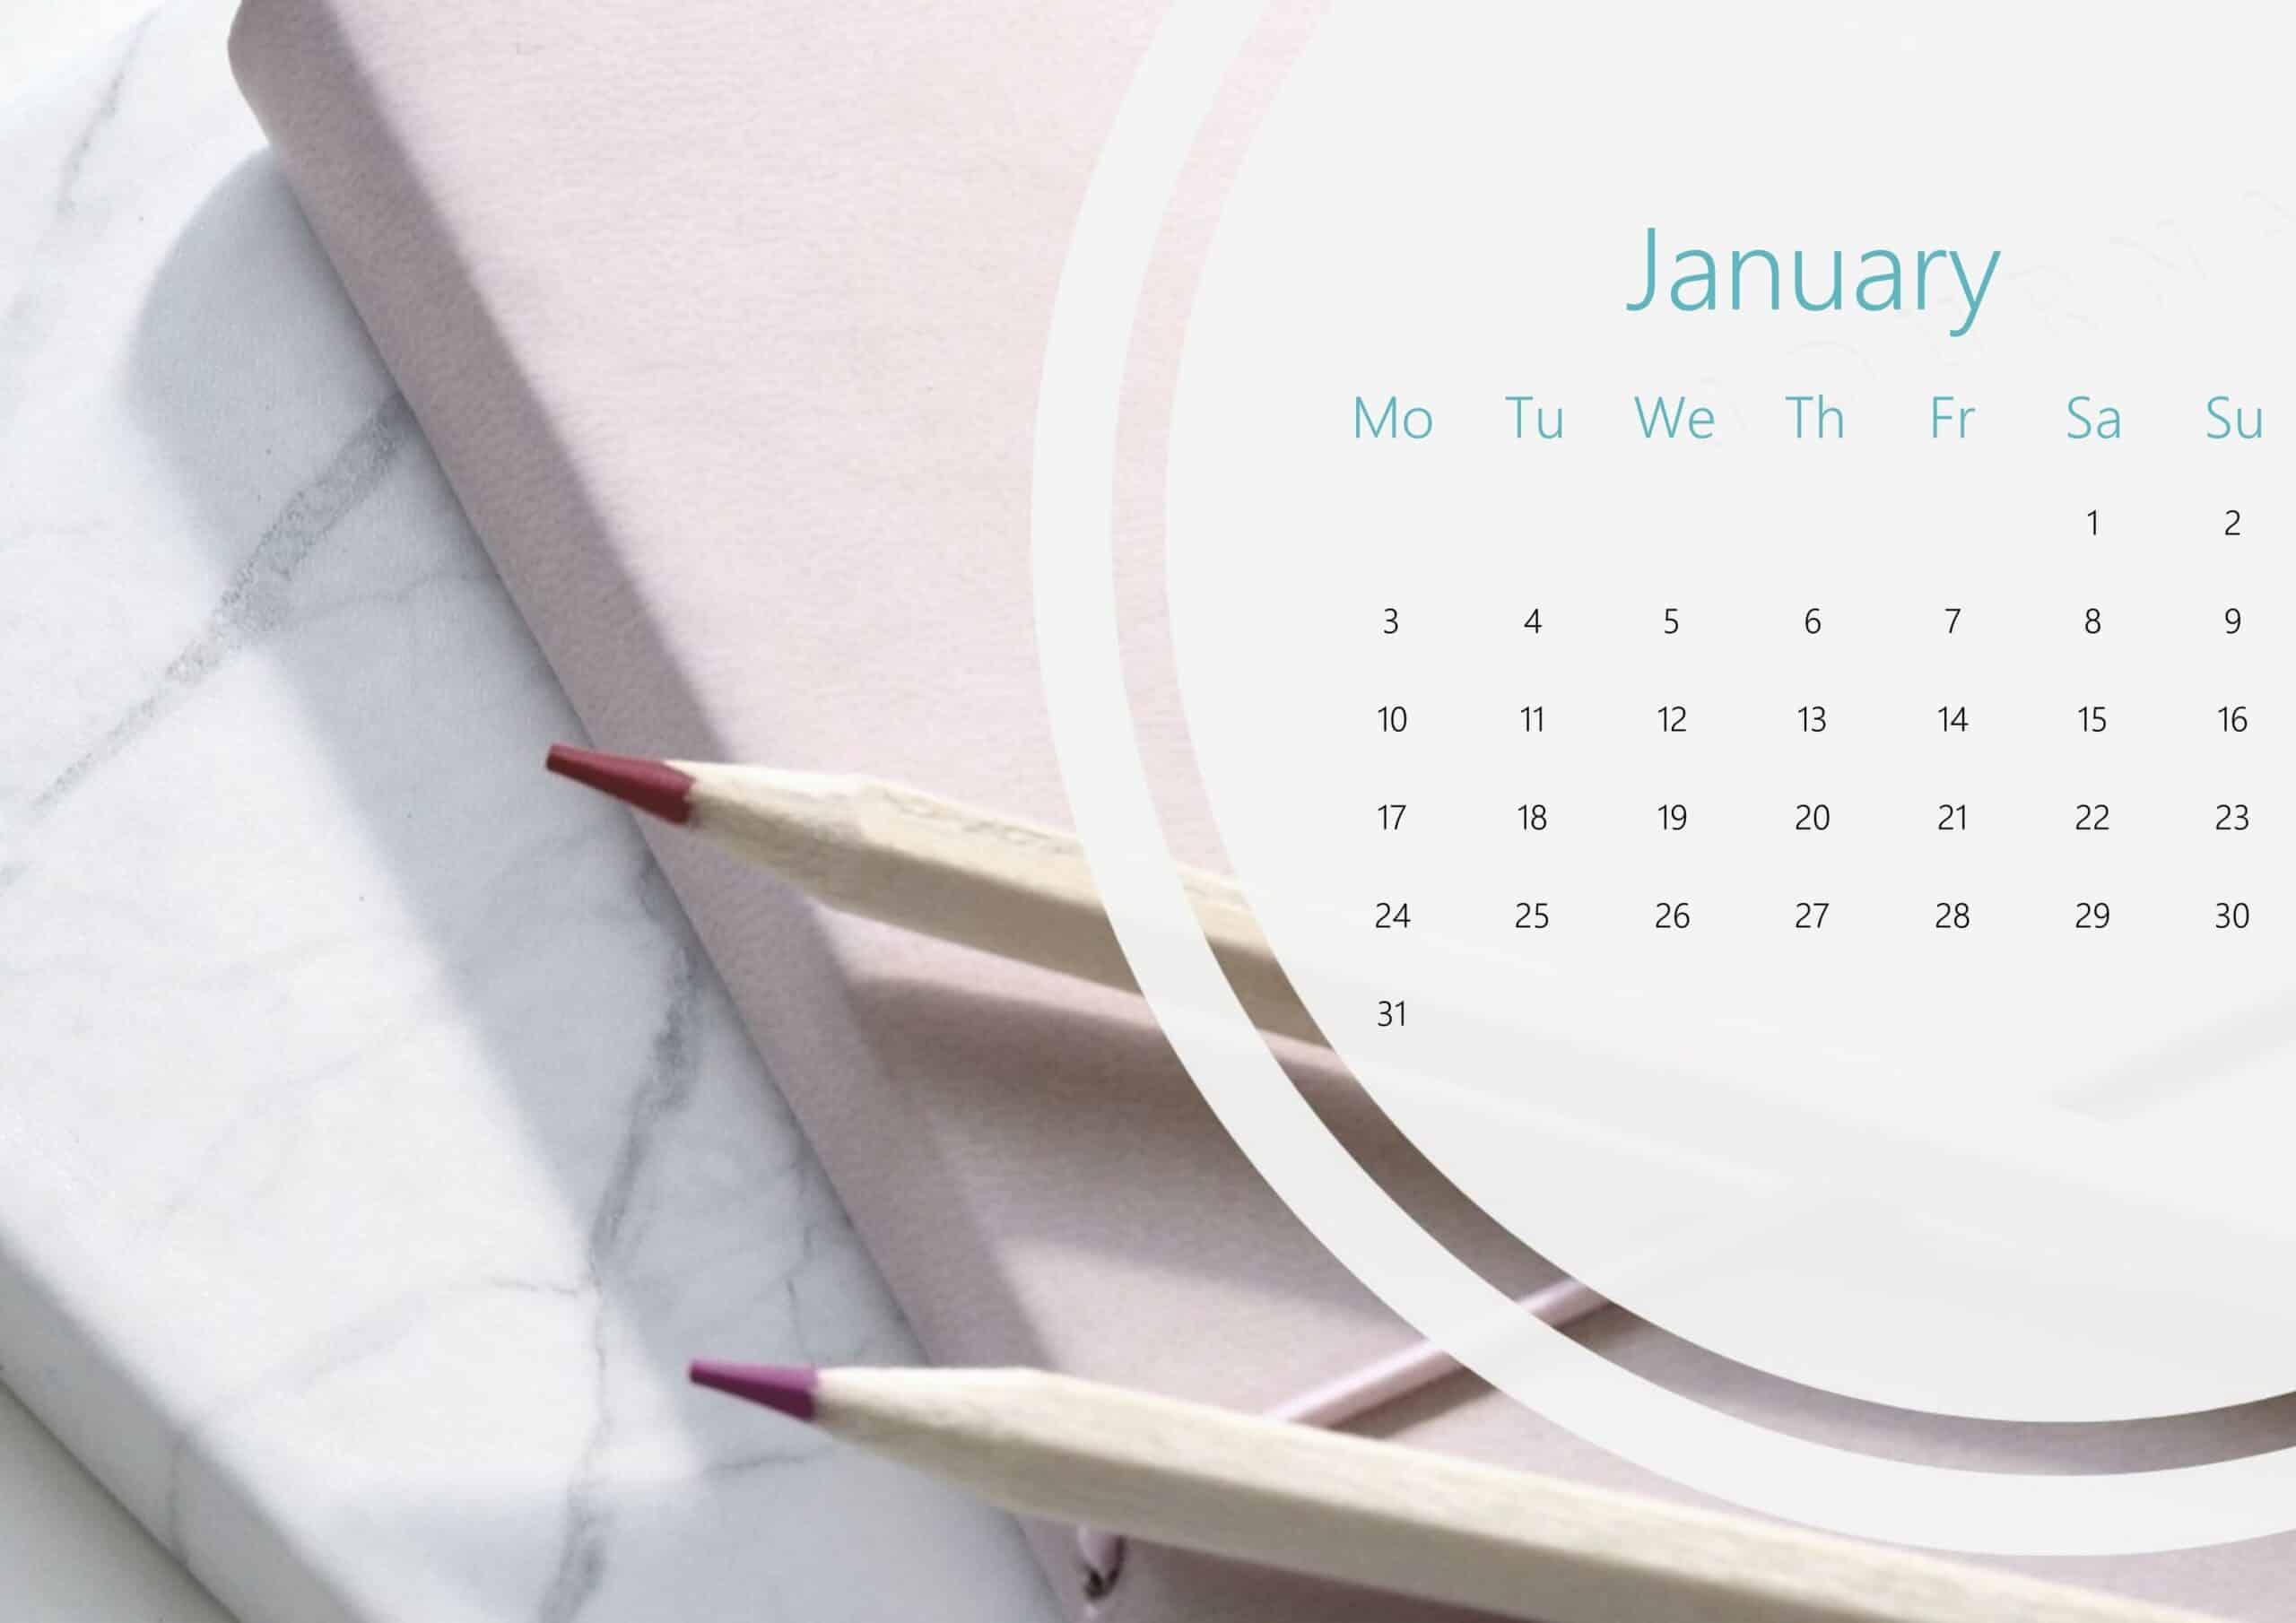 Cute January Calendar 2022